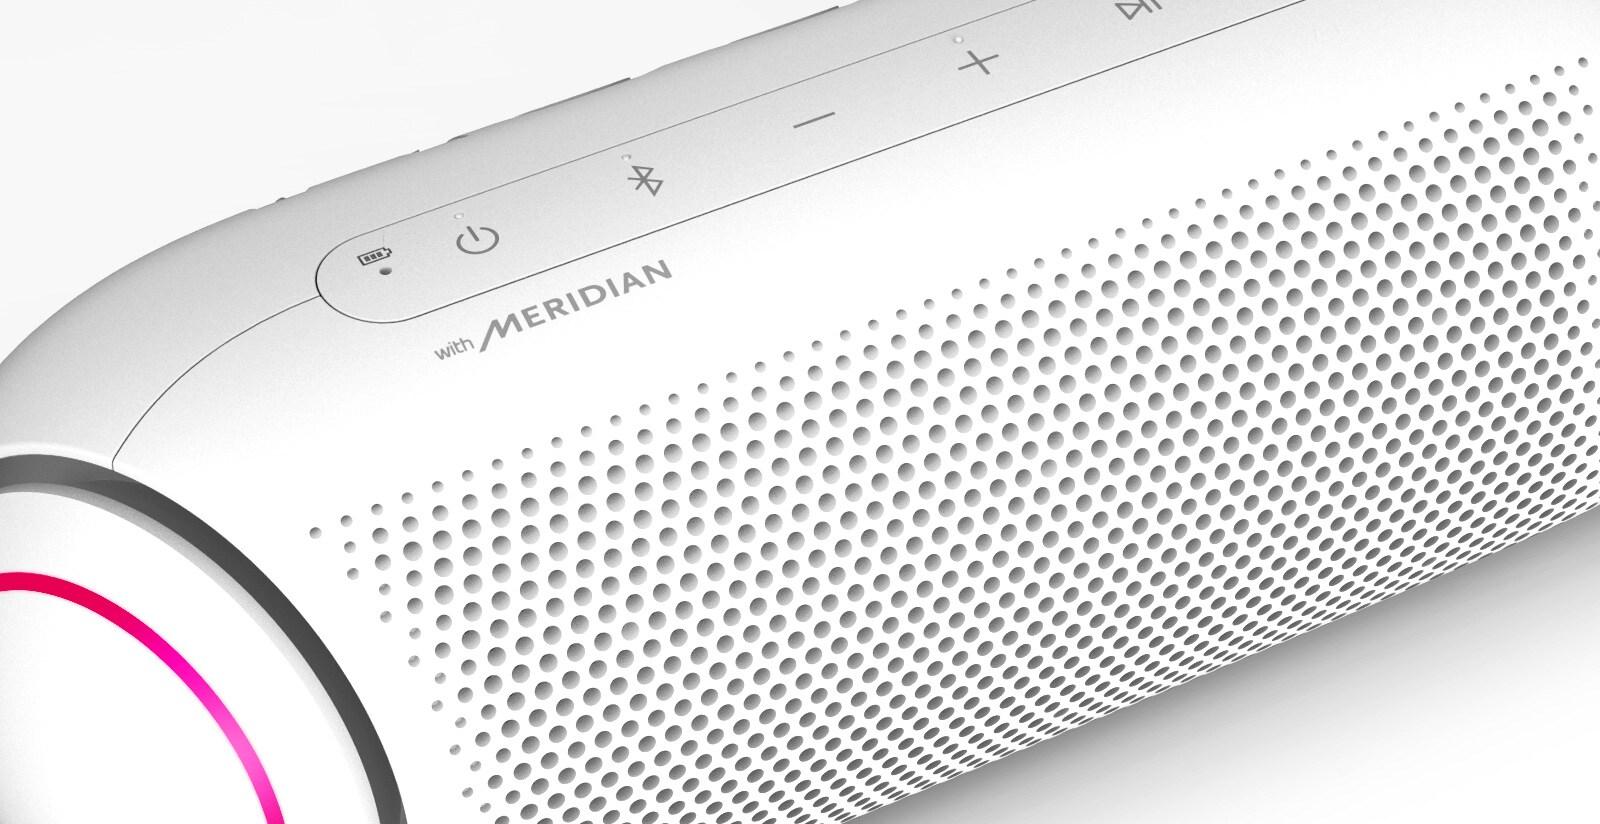 Na bijeloj se pozadini nalazi prikaz izbliza logotipa Meridian zvučnika LG XBOOM Go s osvjetljenjem u magenta boji.